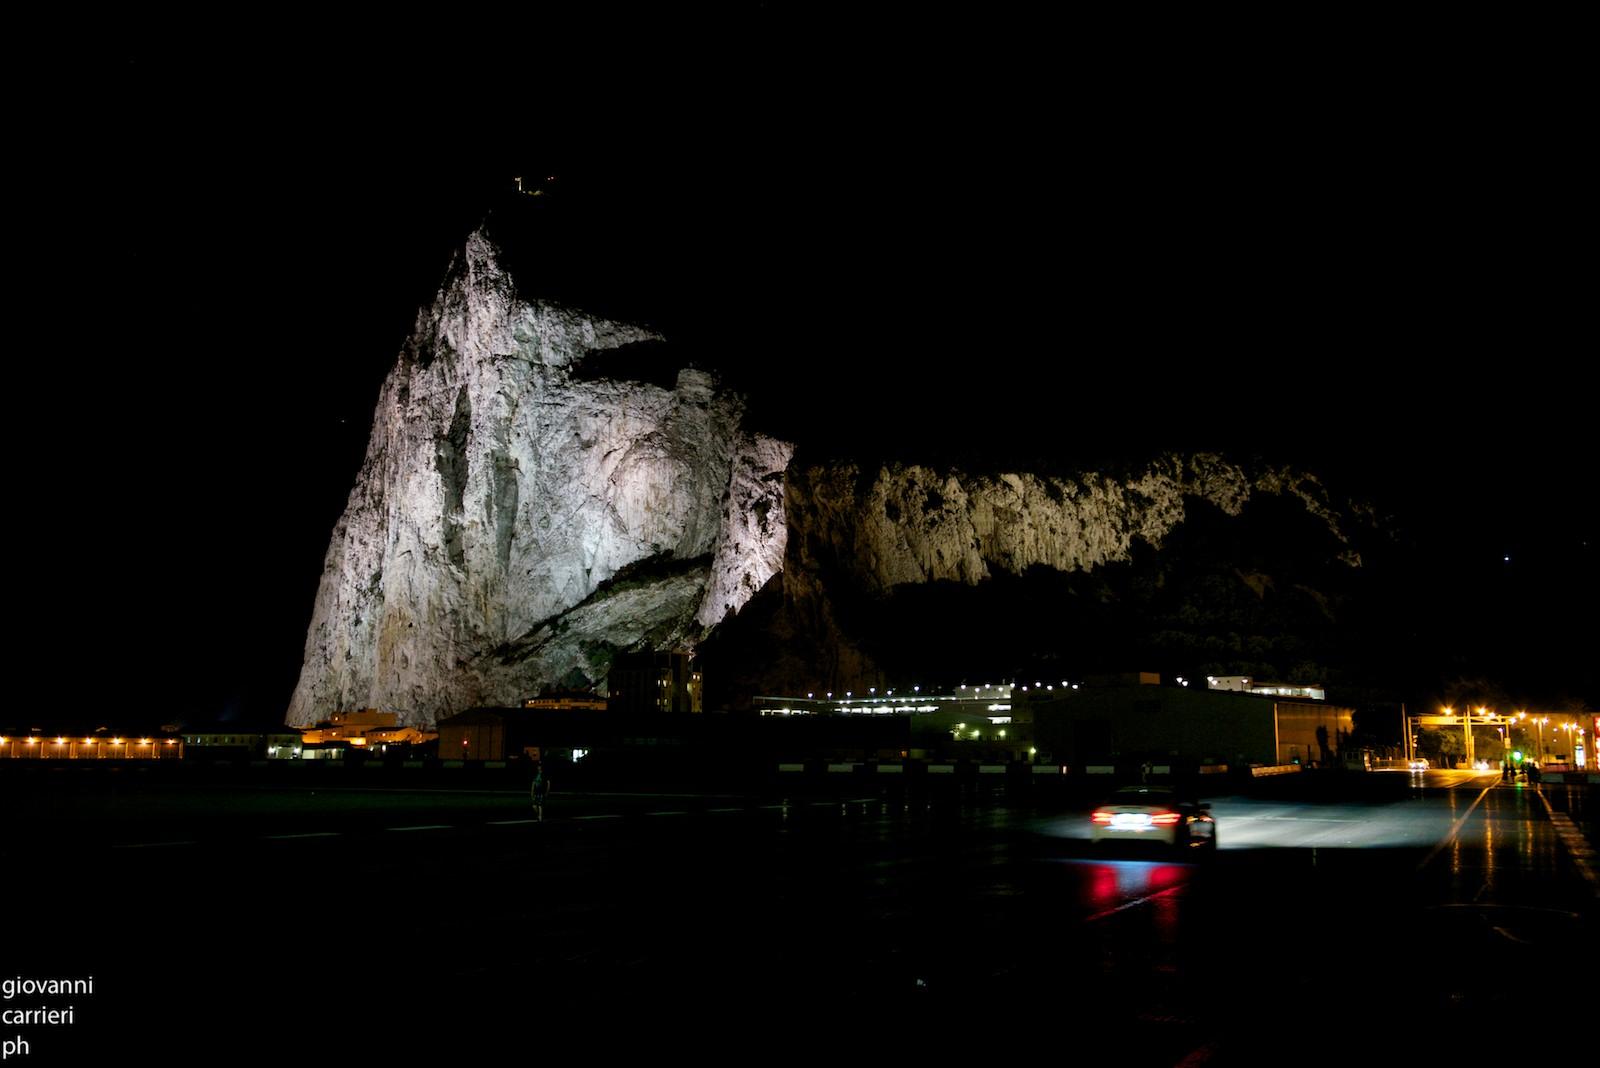 La rocca vista di notte